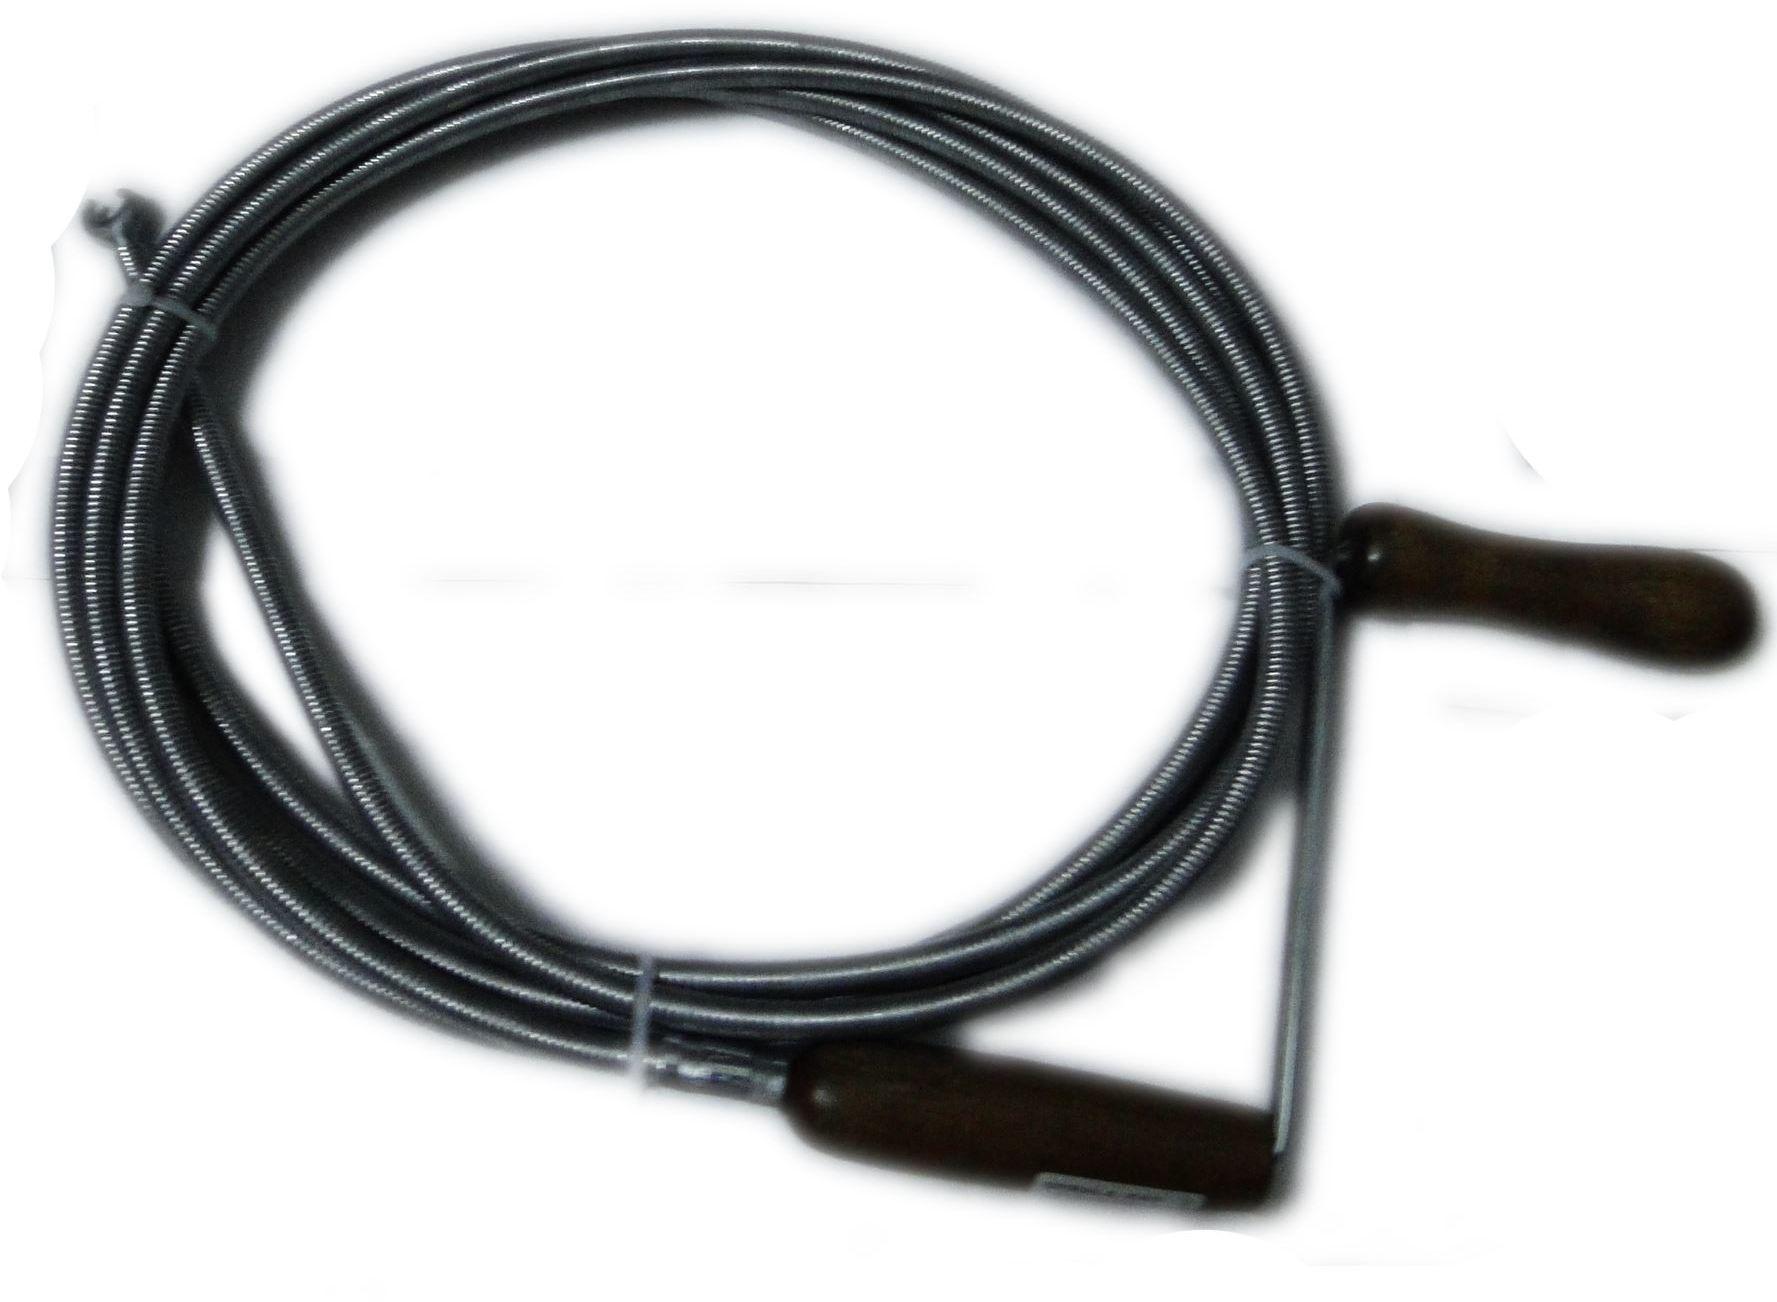 Spirala kanalizacyjna fi11 - 3m oc.